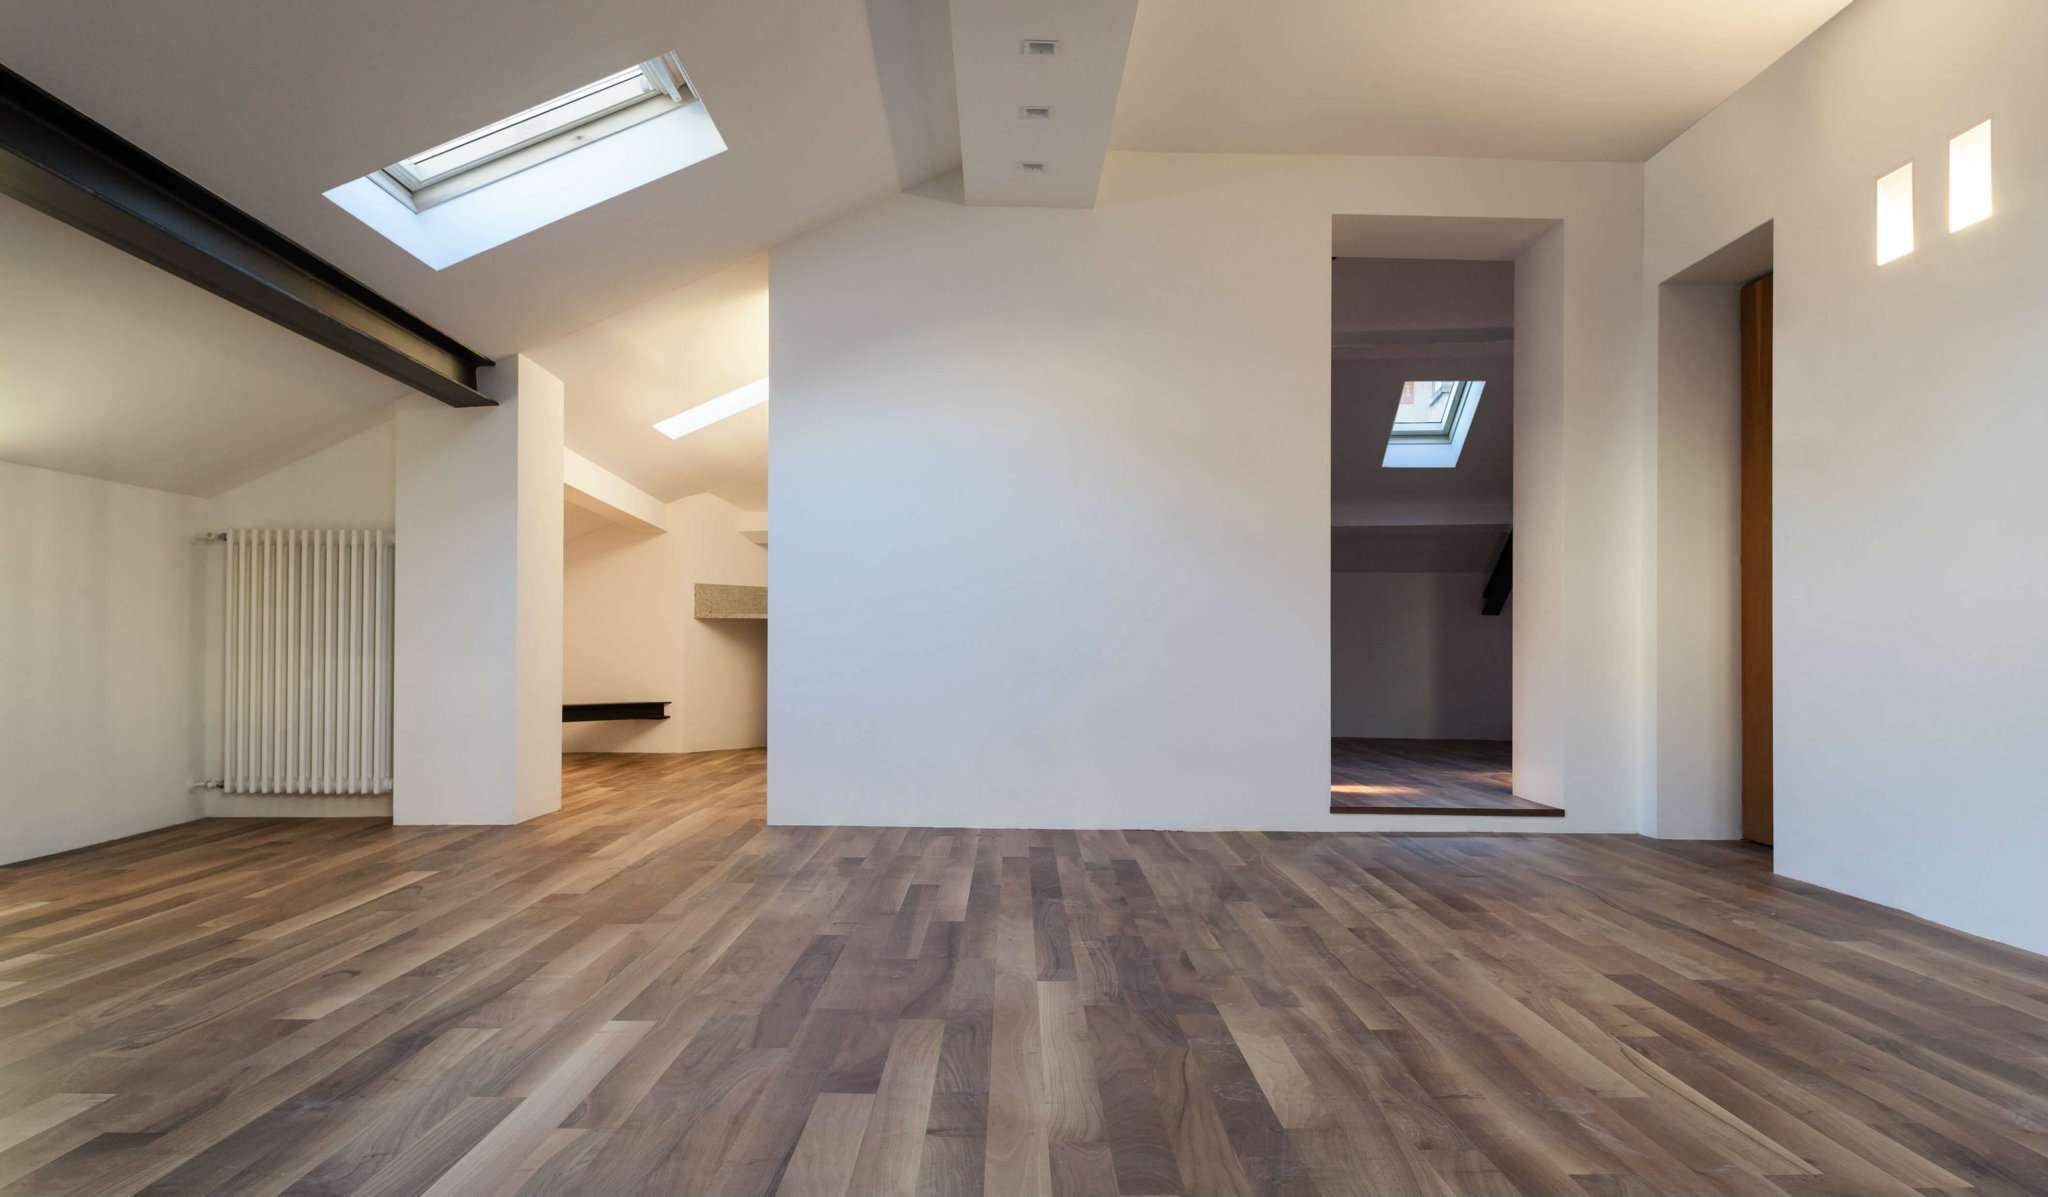 Appartamento in vendita a Milano, 3 locali, zona Zona: 3 . Bicocca, Greco, Monza, Palmanova, Padova, prezzo € 205.000 | CambioCasa.it